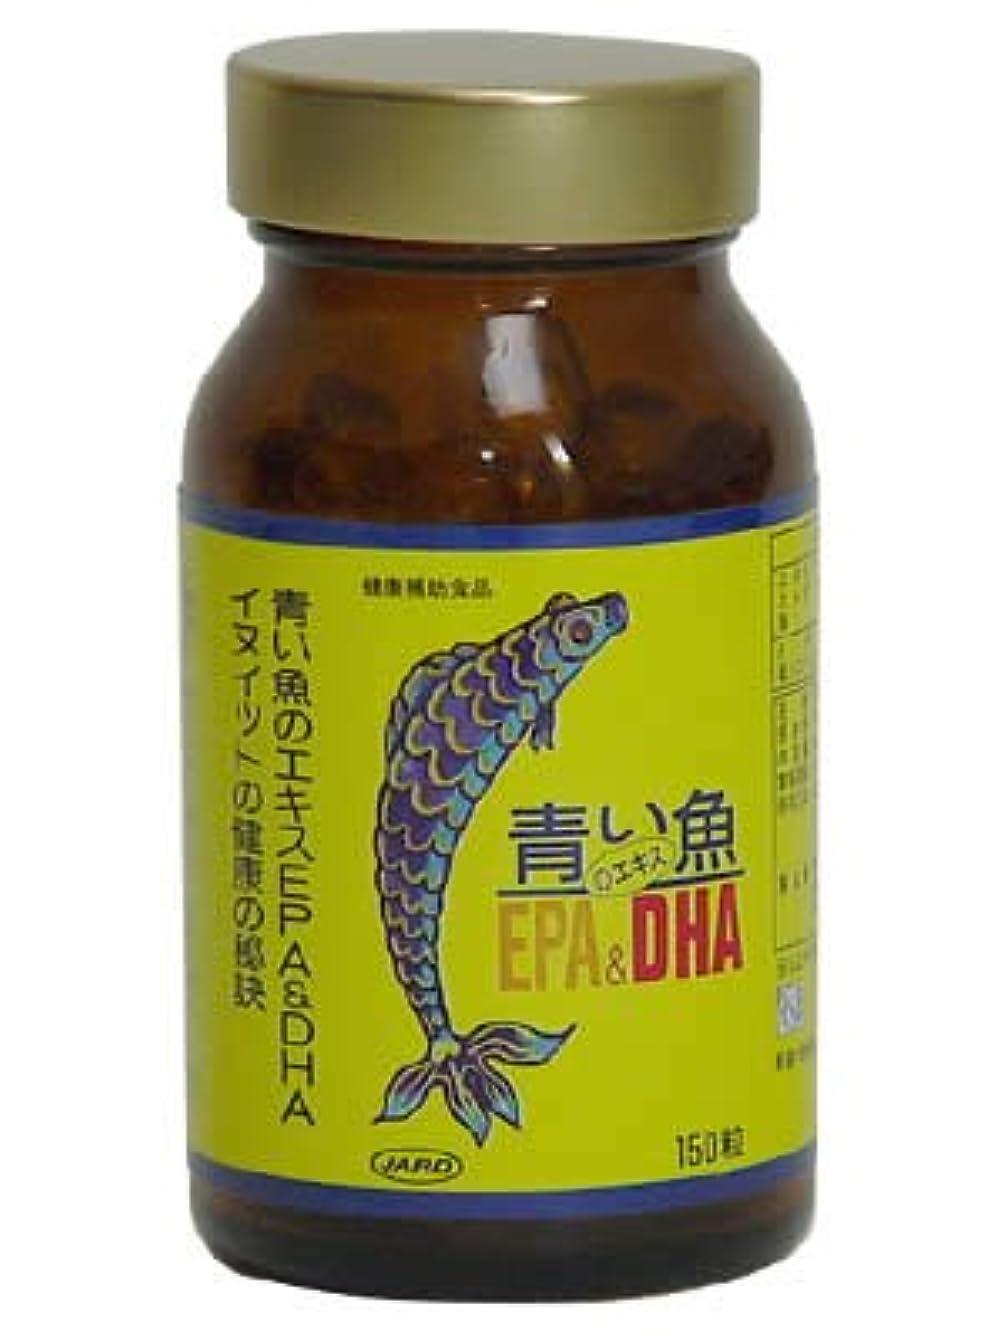 サスペンドパースブラックボロウニッケル青い魚のエキスEPA&DHA【3本セット】ジャード